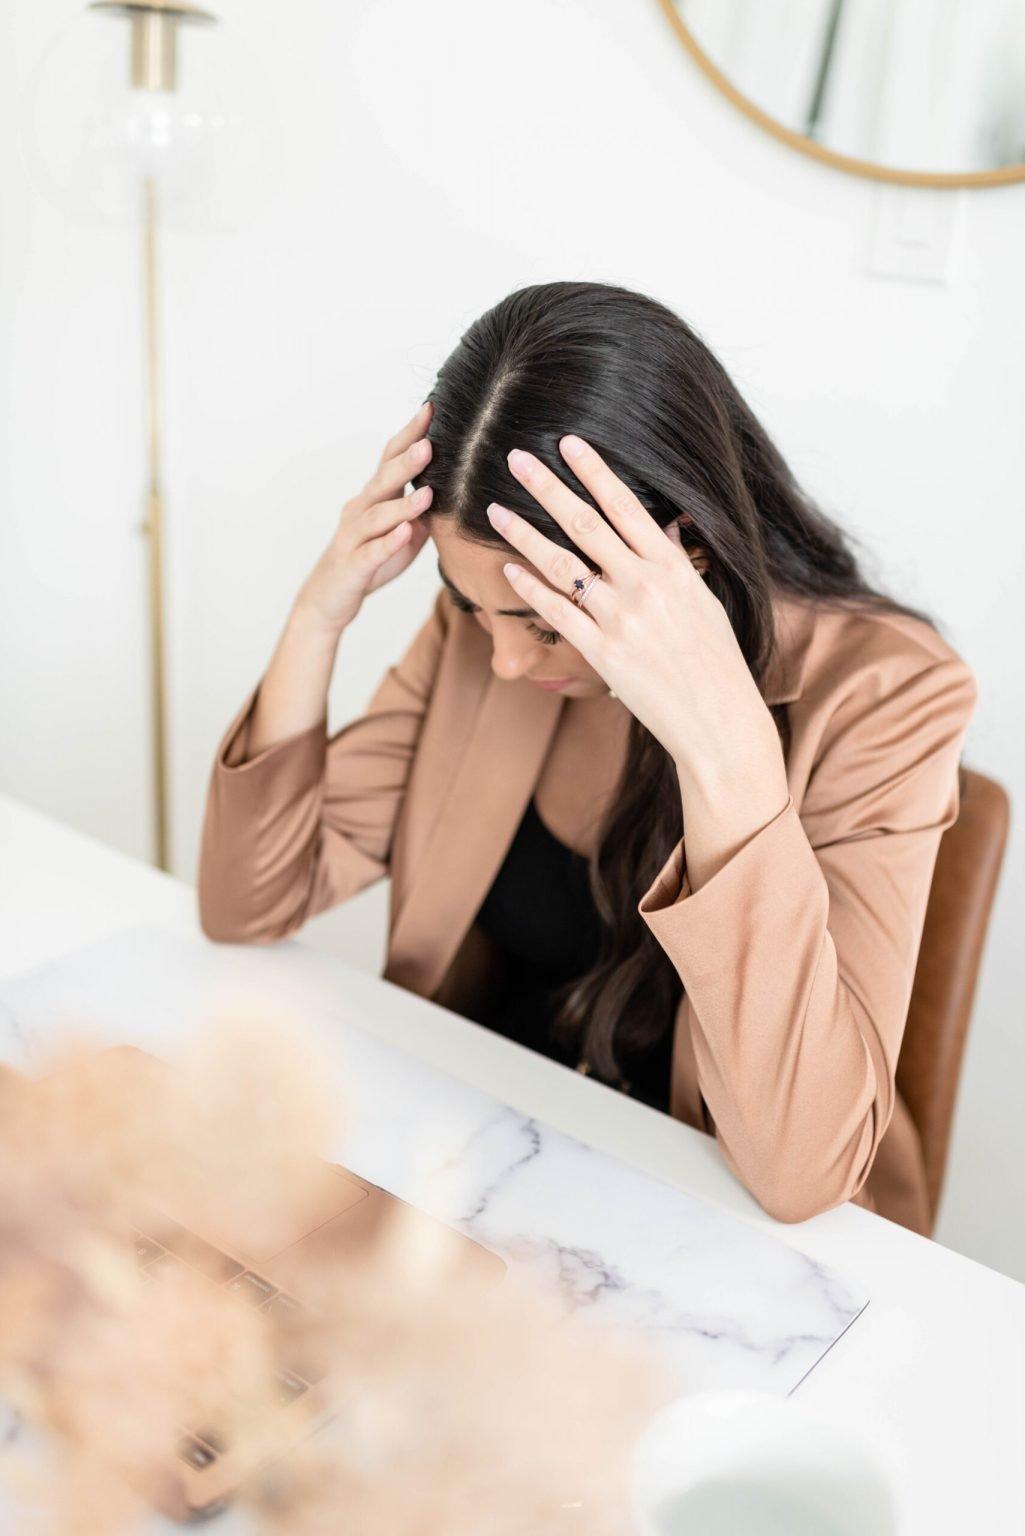 Woman, desk